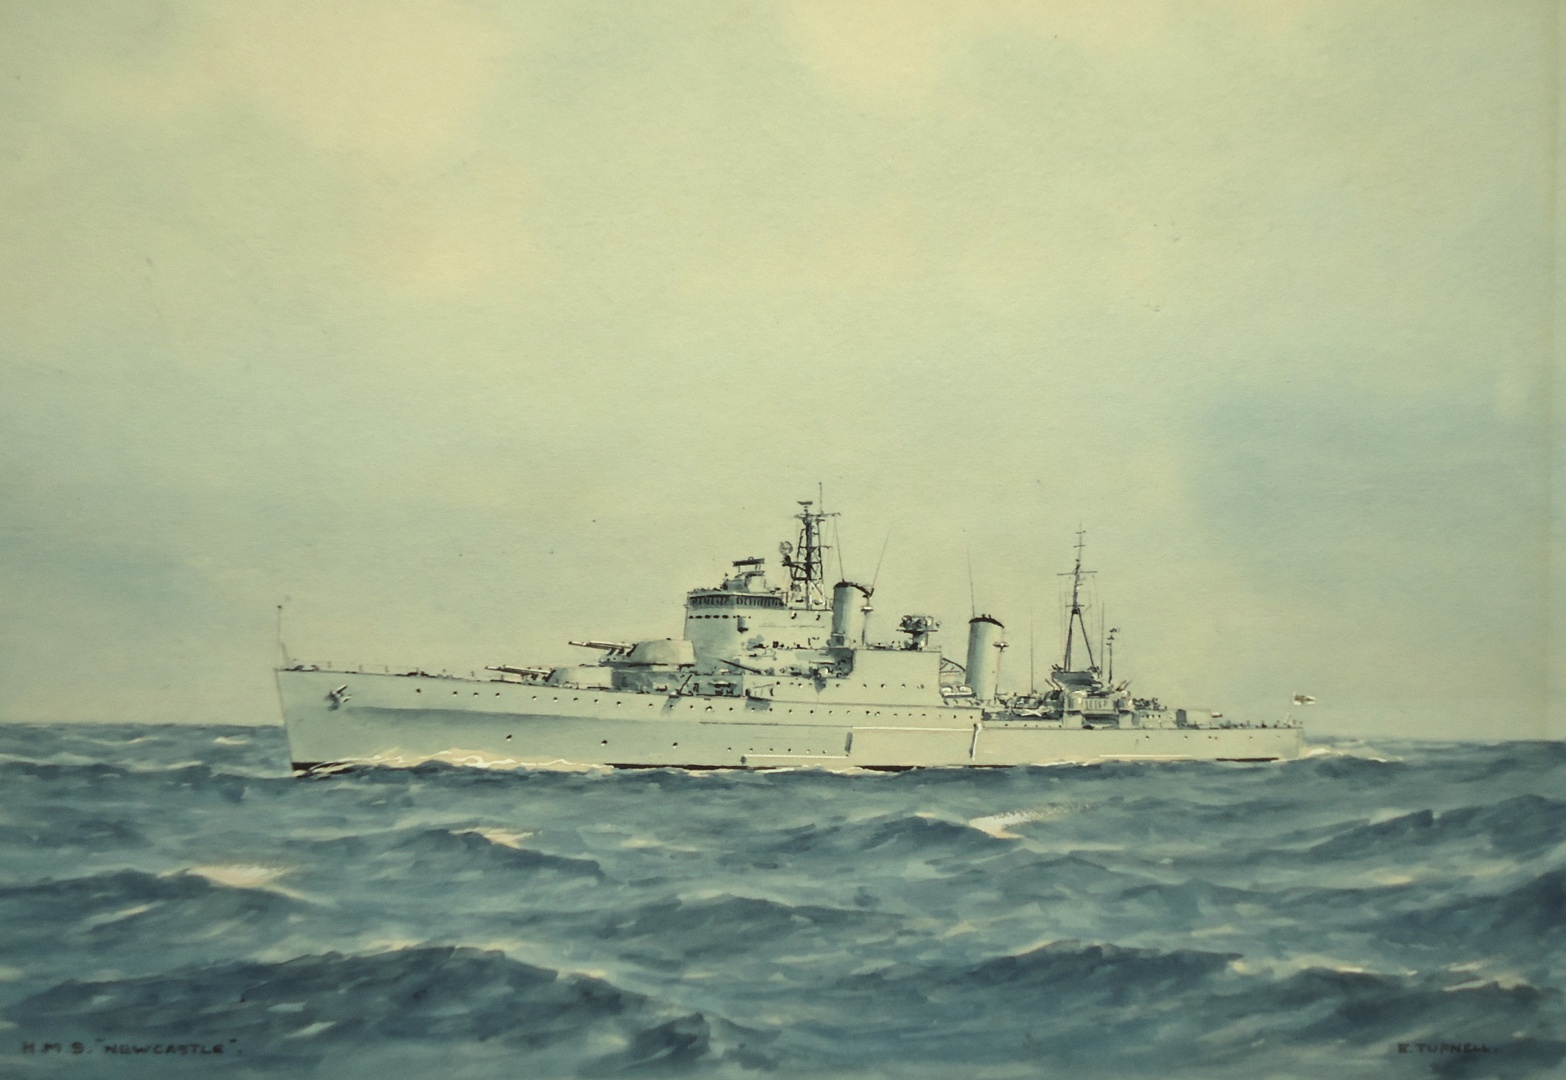 HMS NEWCASTLE - Town Class cruiser